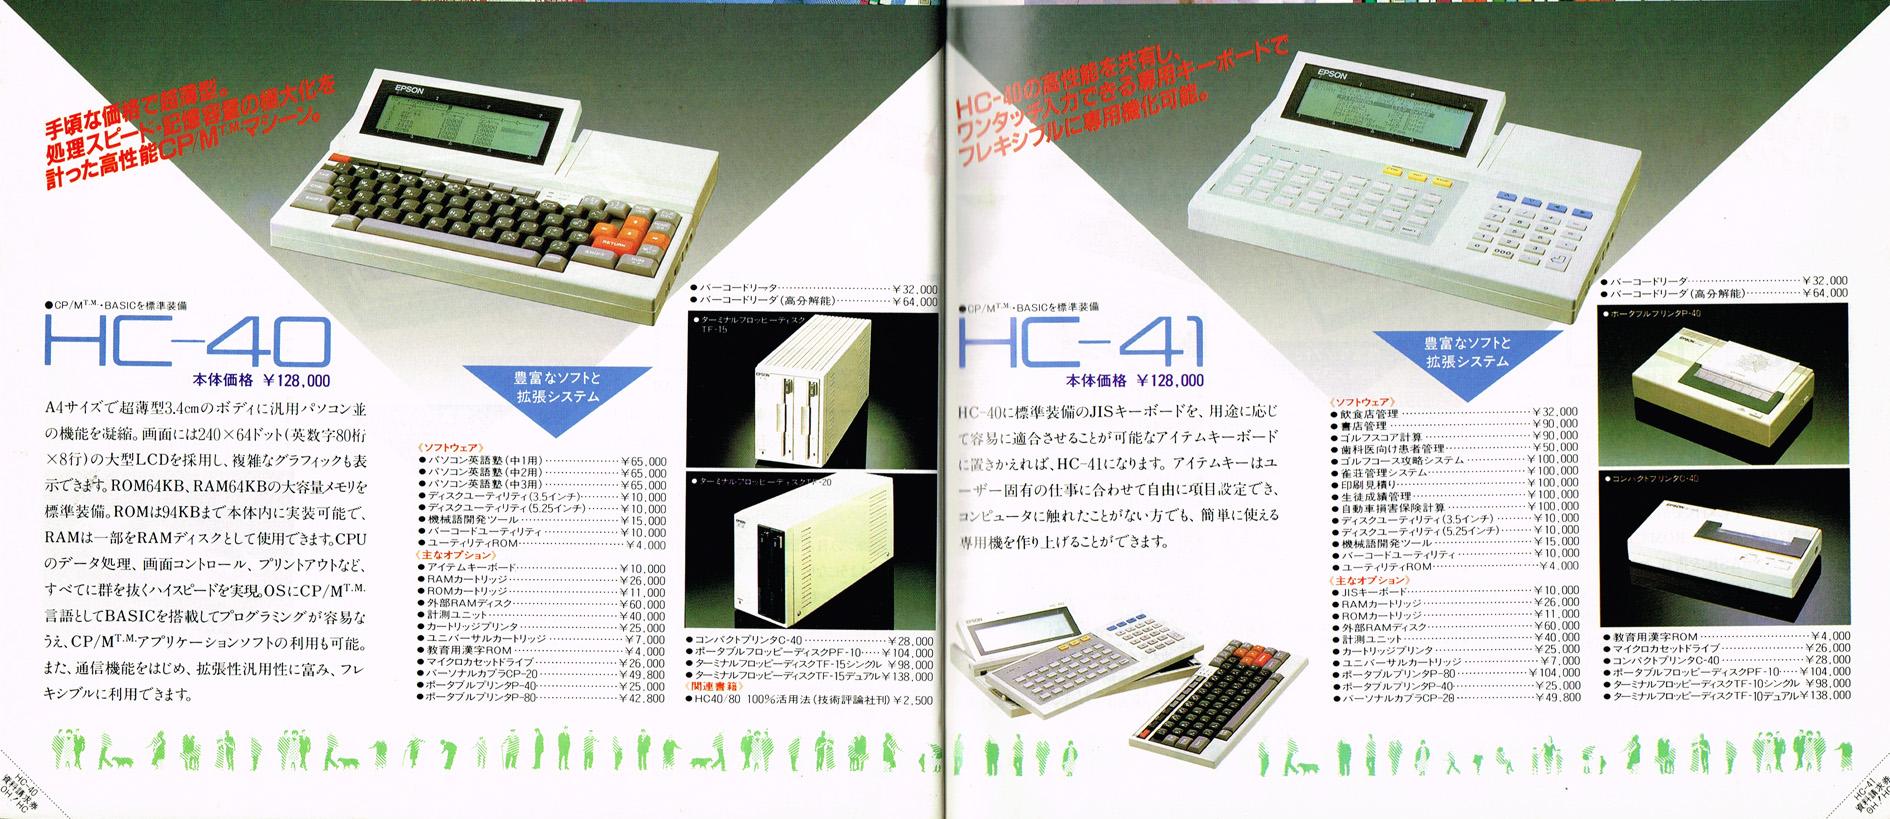 HCシリーズ専門書『Oh!HC』に掲載されていた広告です。